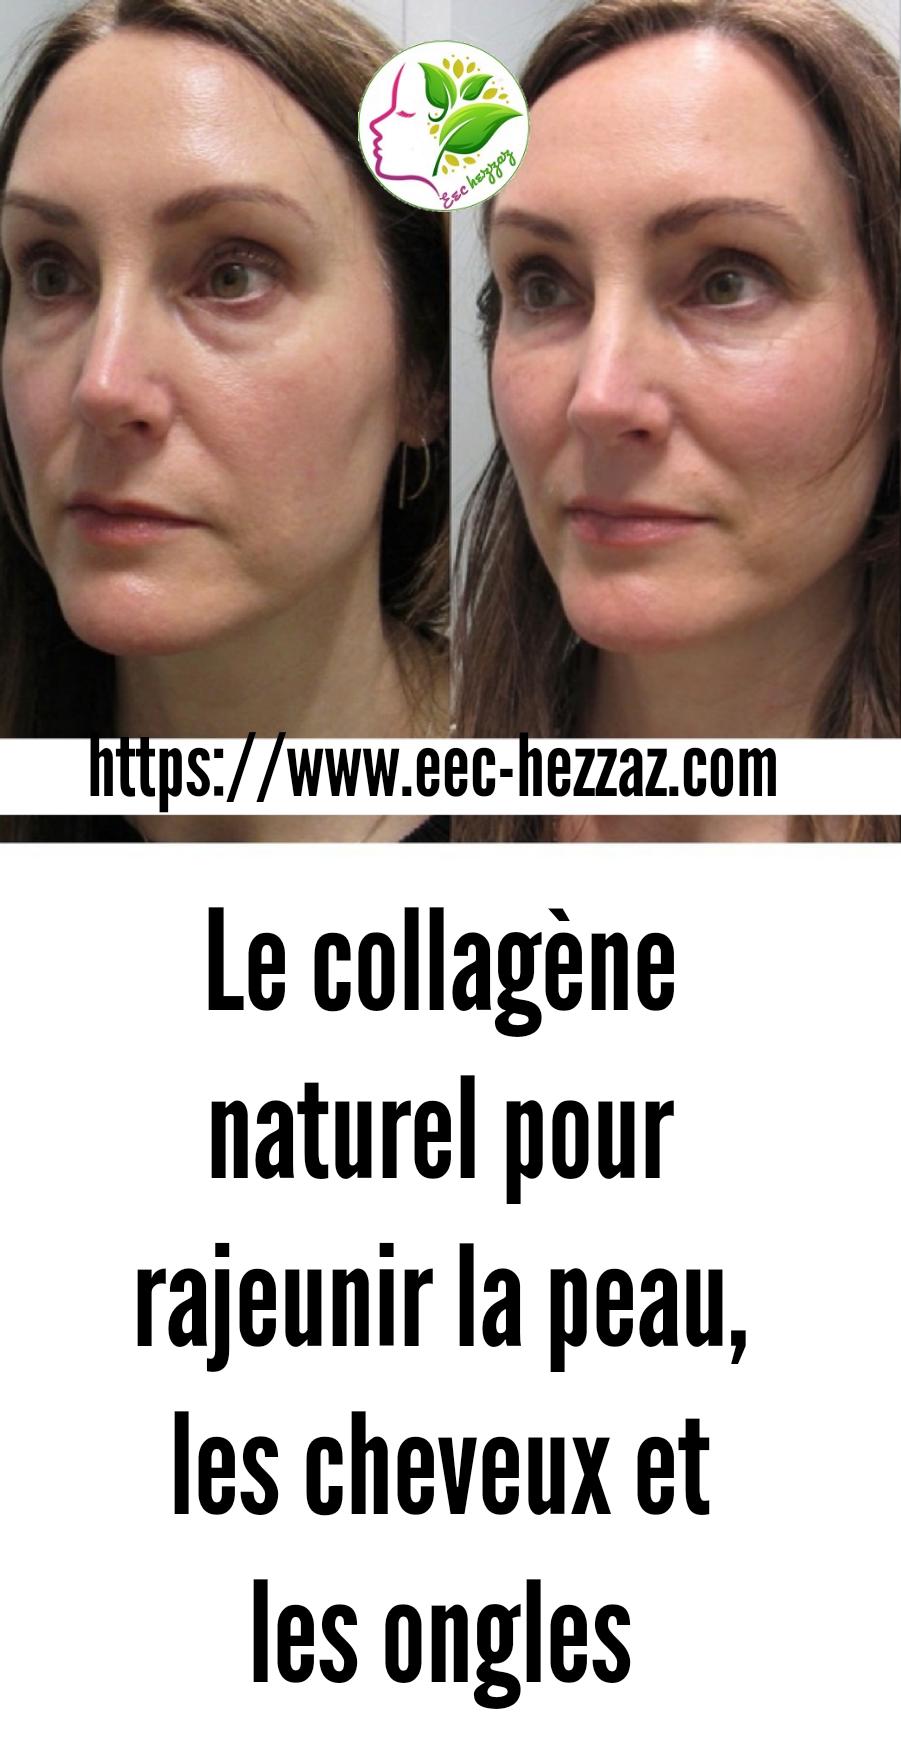 Le collagène naturel pour rajeunir la peau, les cheveux et les ongles